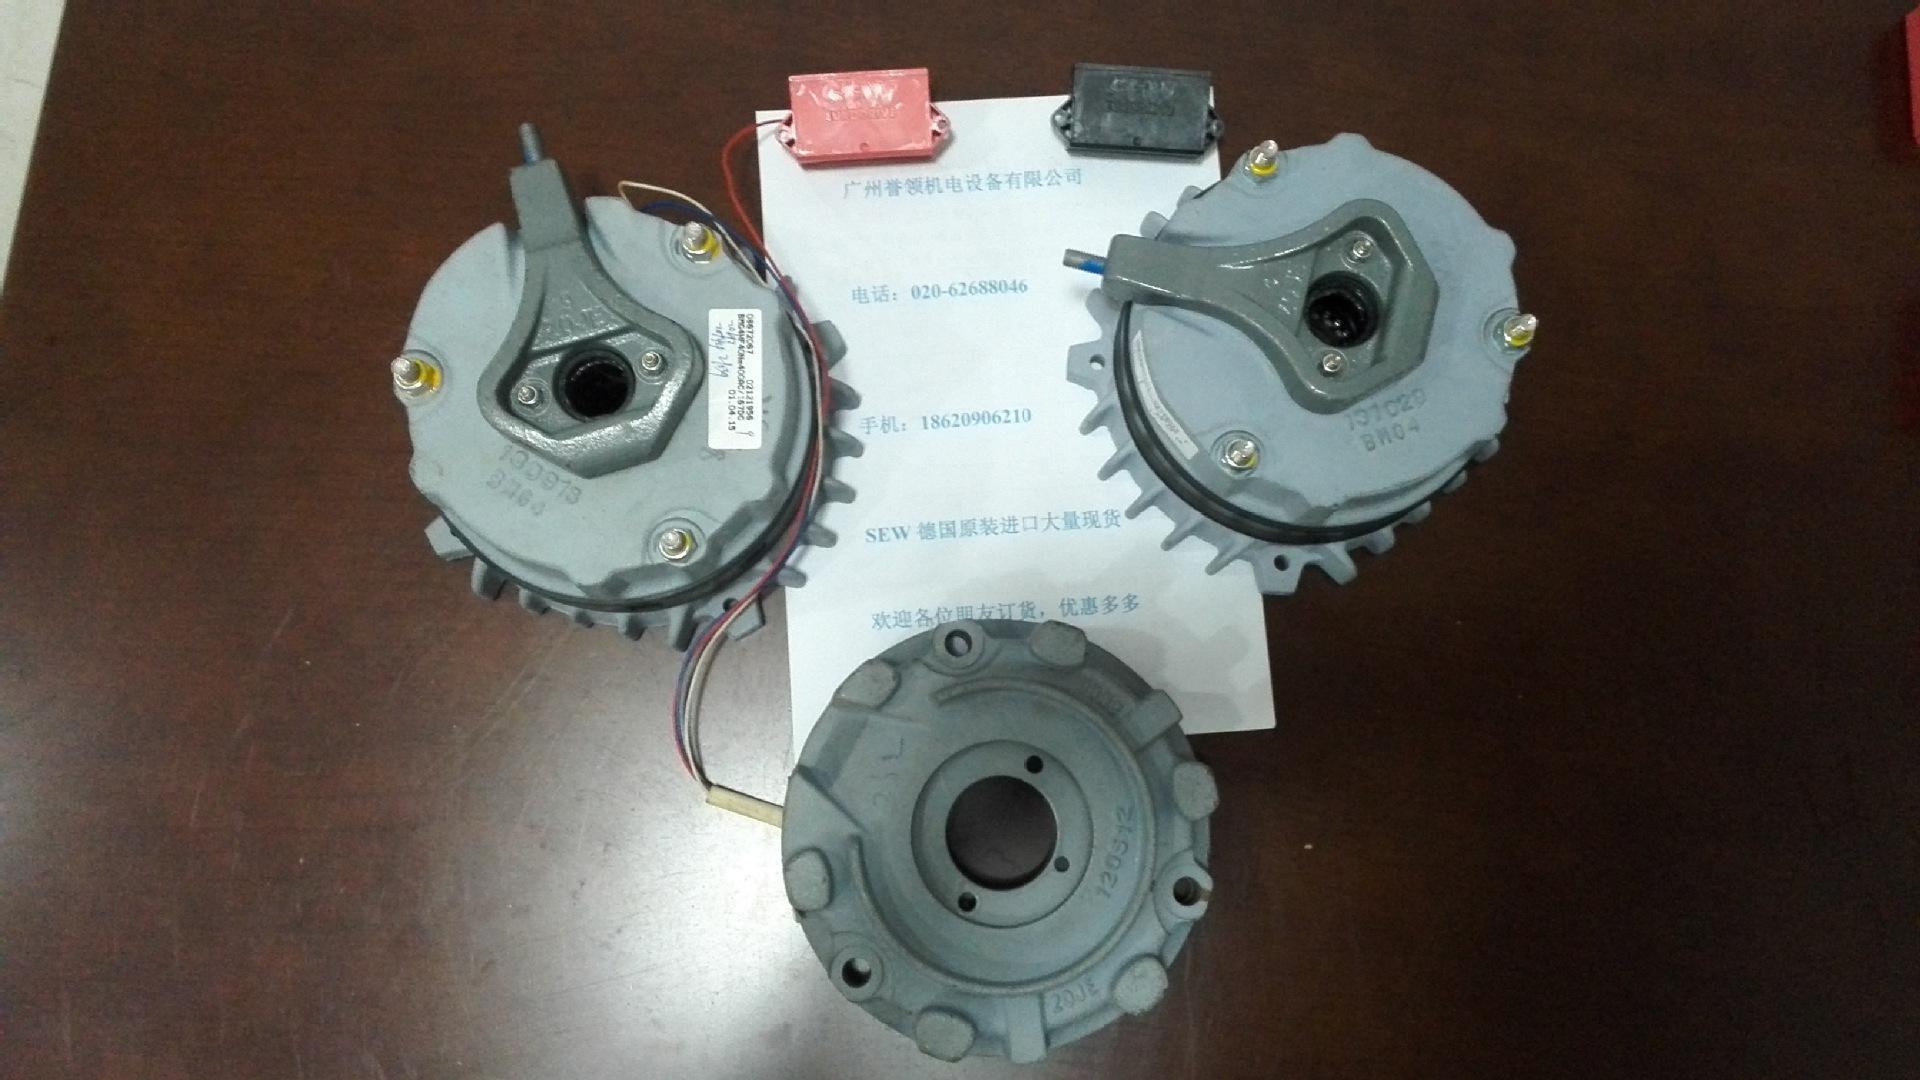 sew減速器電機配件供應 SEW電機剎車,BMG05 5NM 400V制動